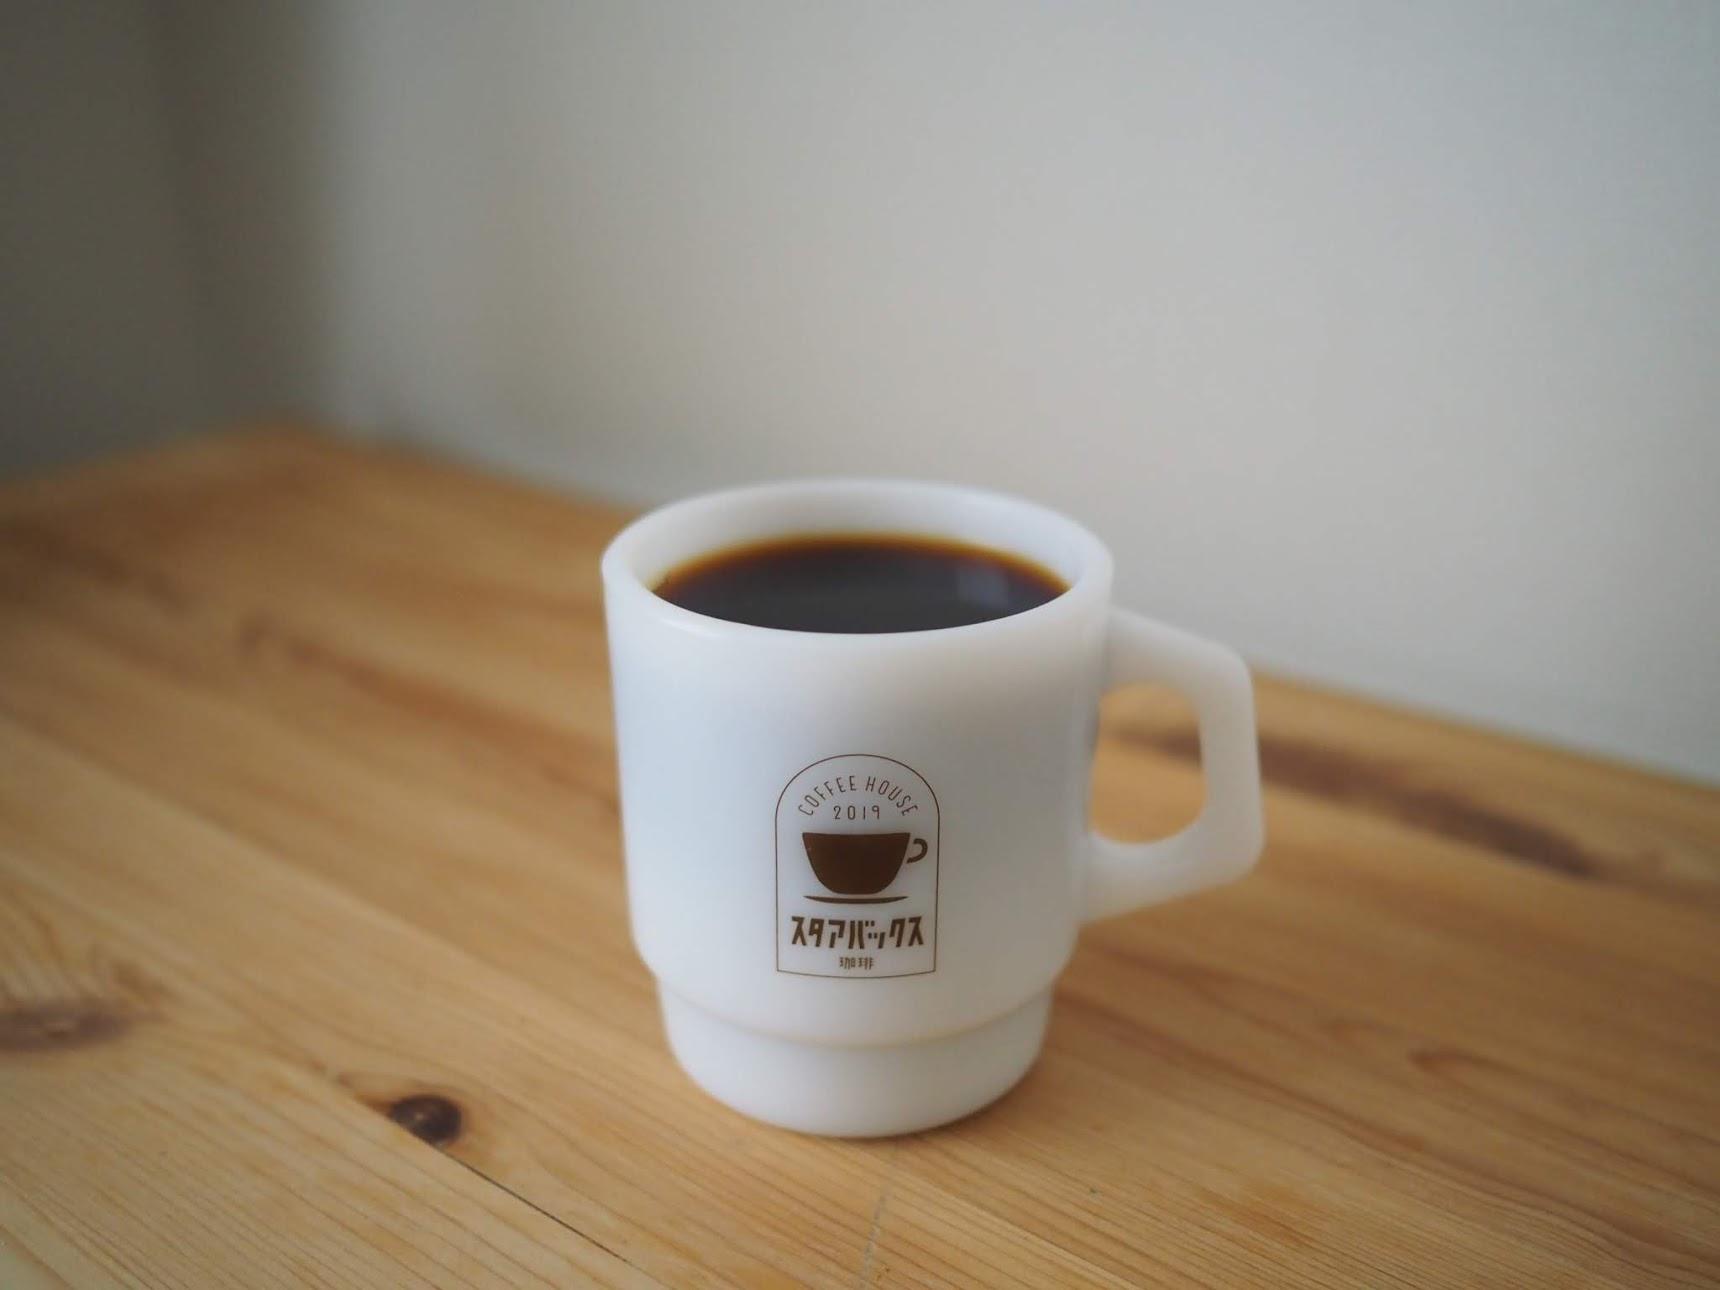 スタアバックス珈琲×FireKingマグでコーヒーを飲む